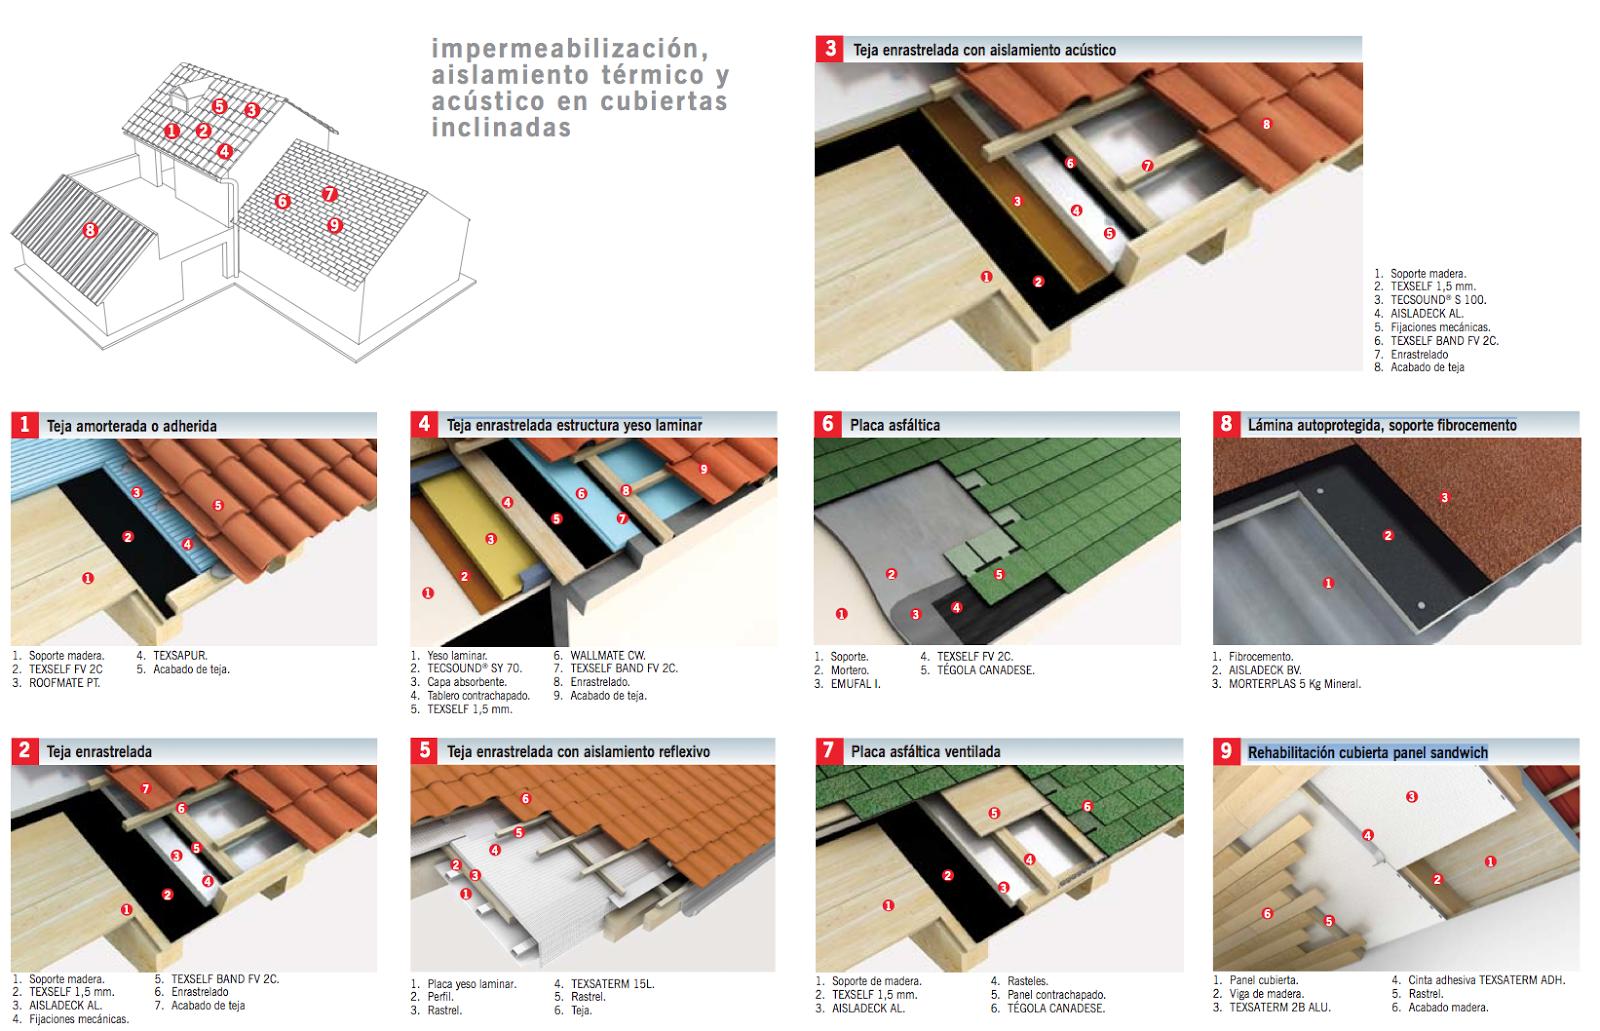 Impermeabilizaci n aislamiento te rmico y acu stico en for Impermeabilizacion tejados de madera